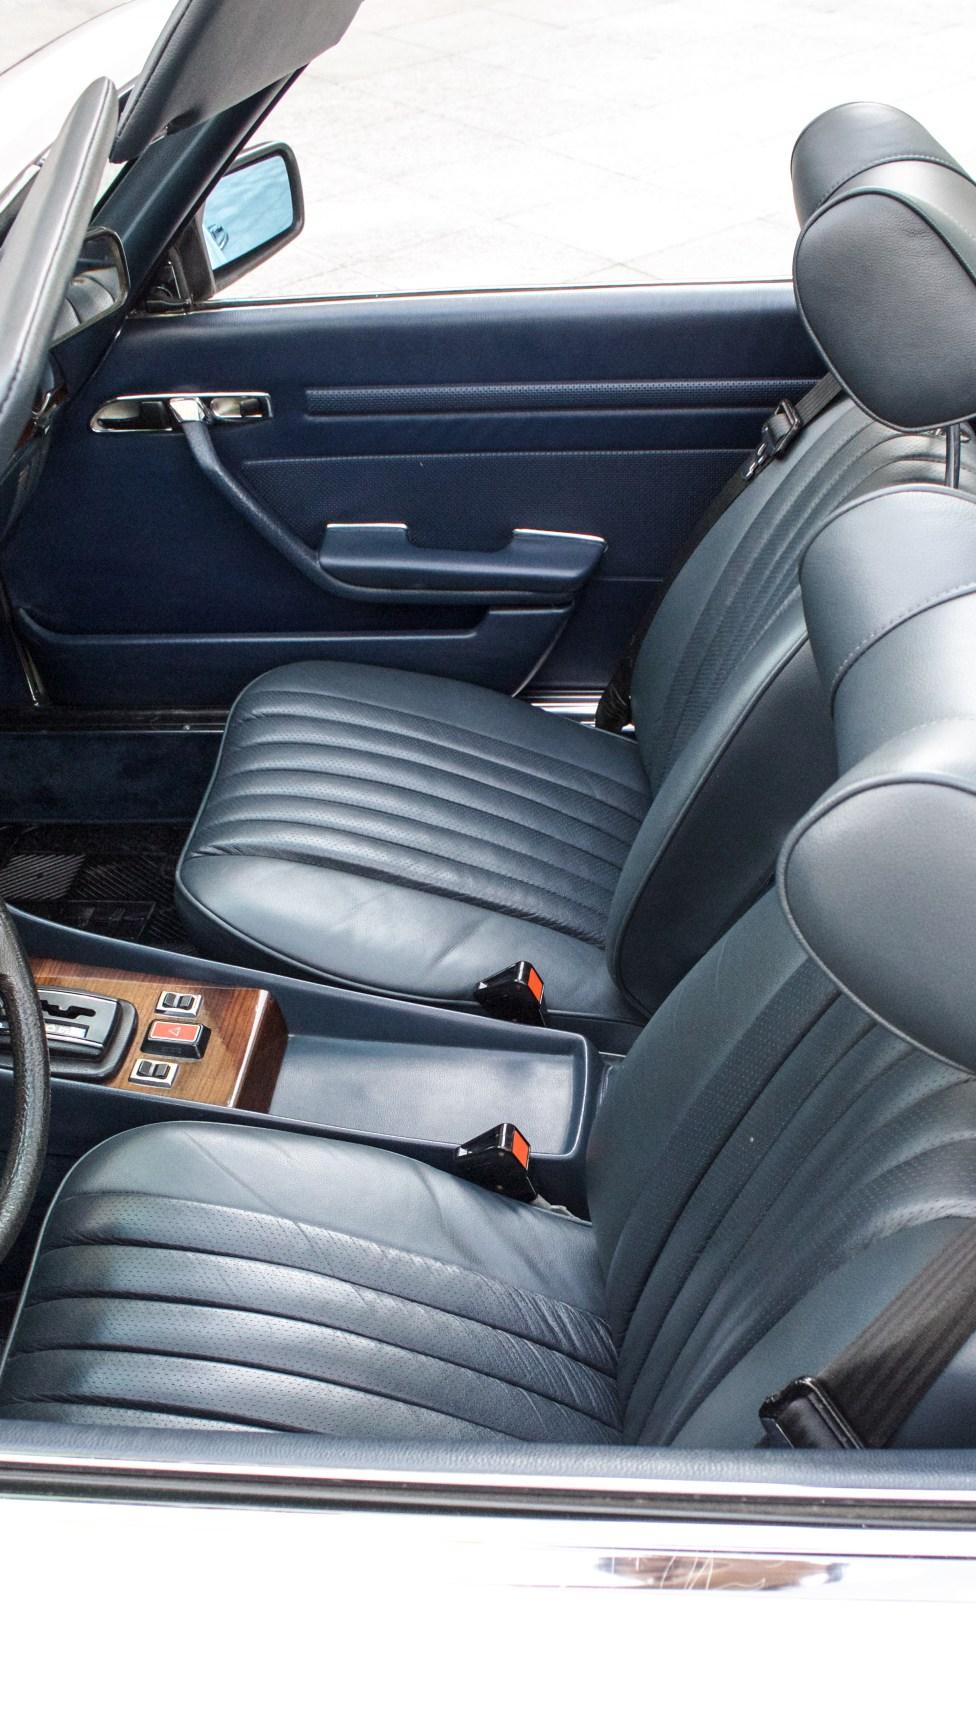 carro-antigo-1979-mercedes-benz-450sl-interior-azul